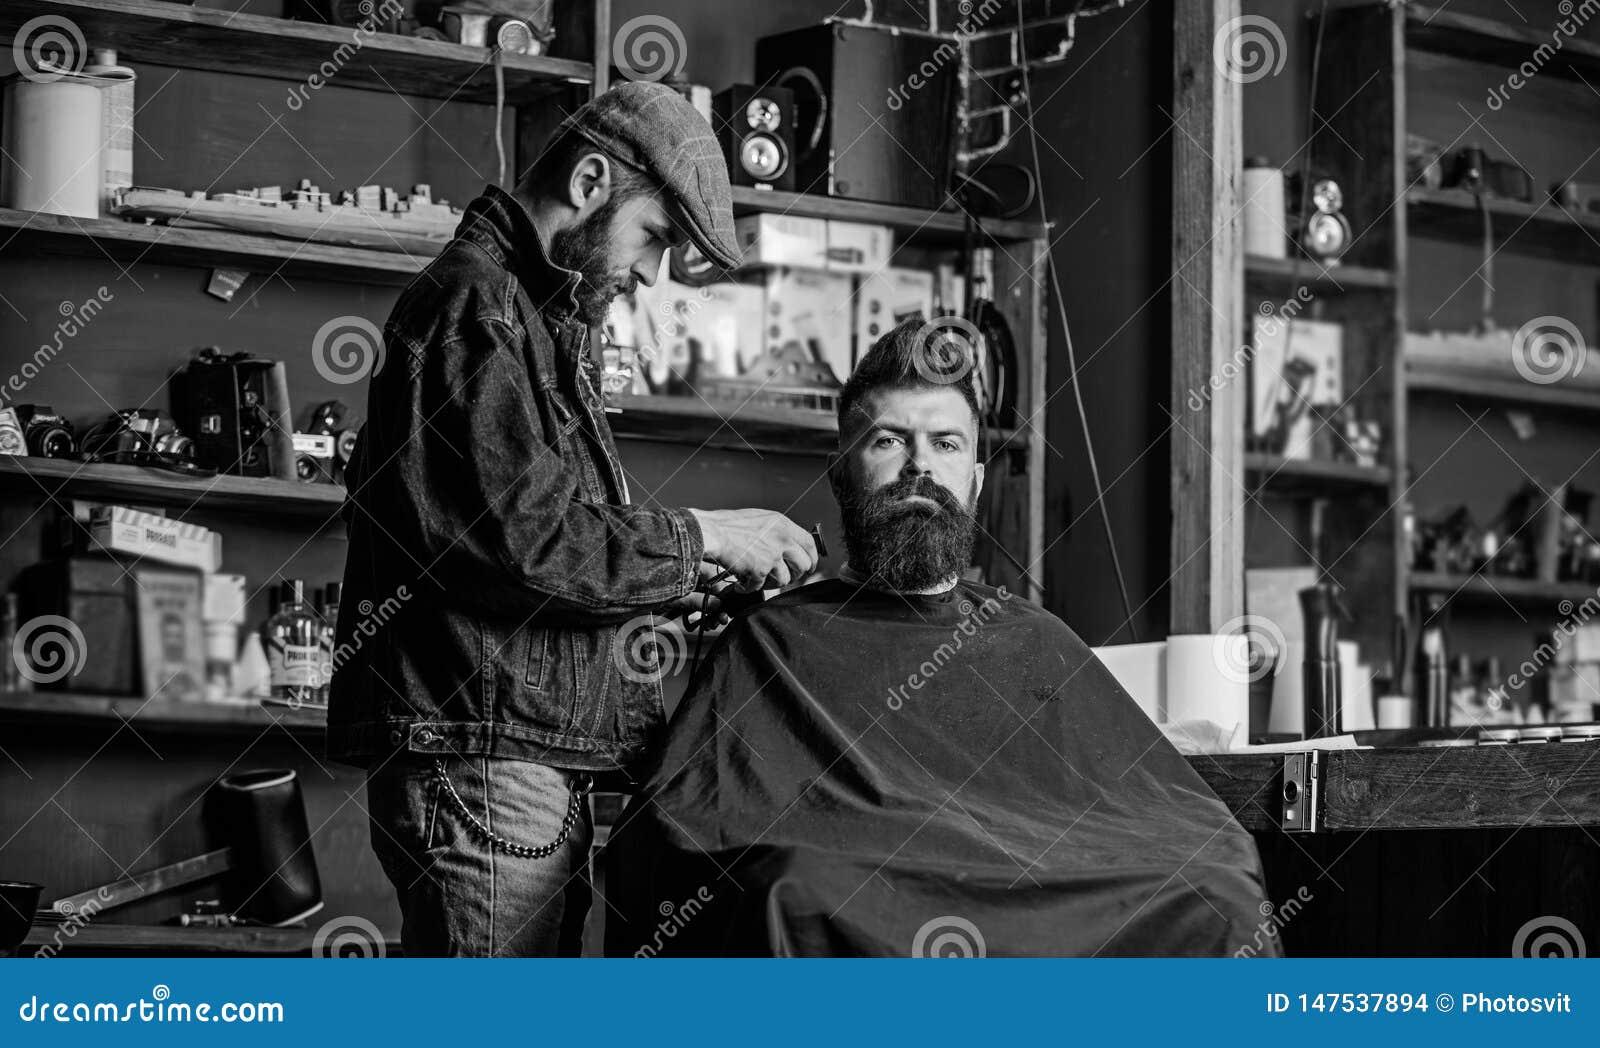 Concetto governare Pantaloni a vita bassa con la barba coperta di servizio del capo dal barbiere professionista in parrucchiere a